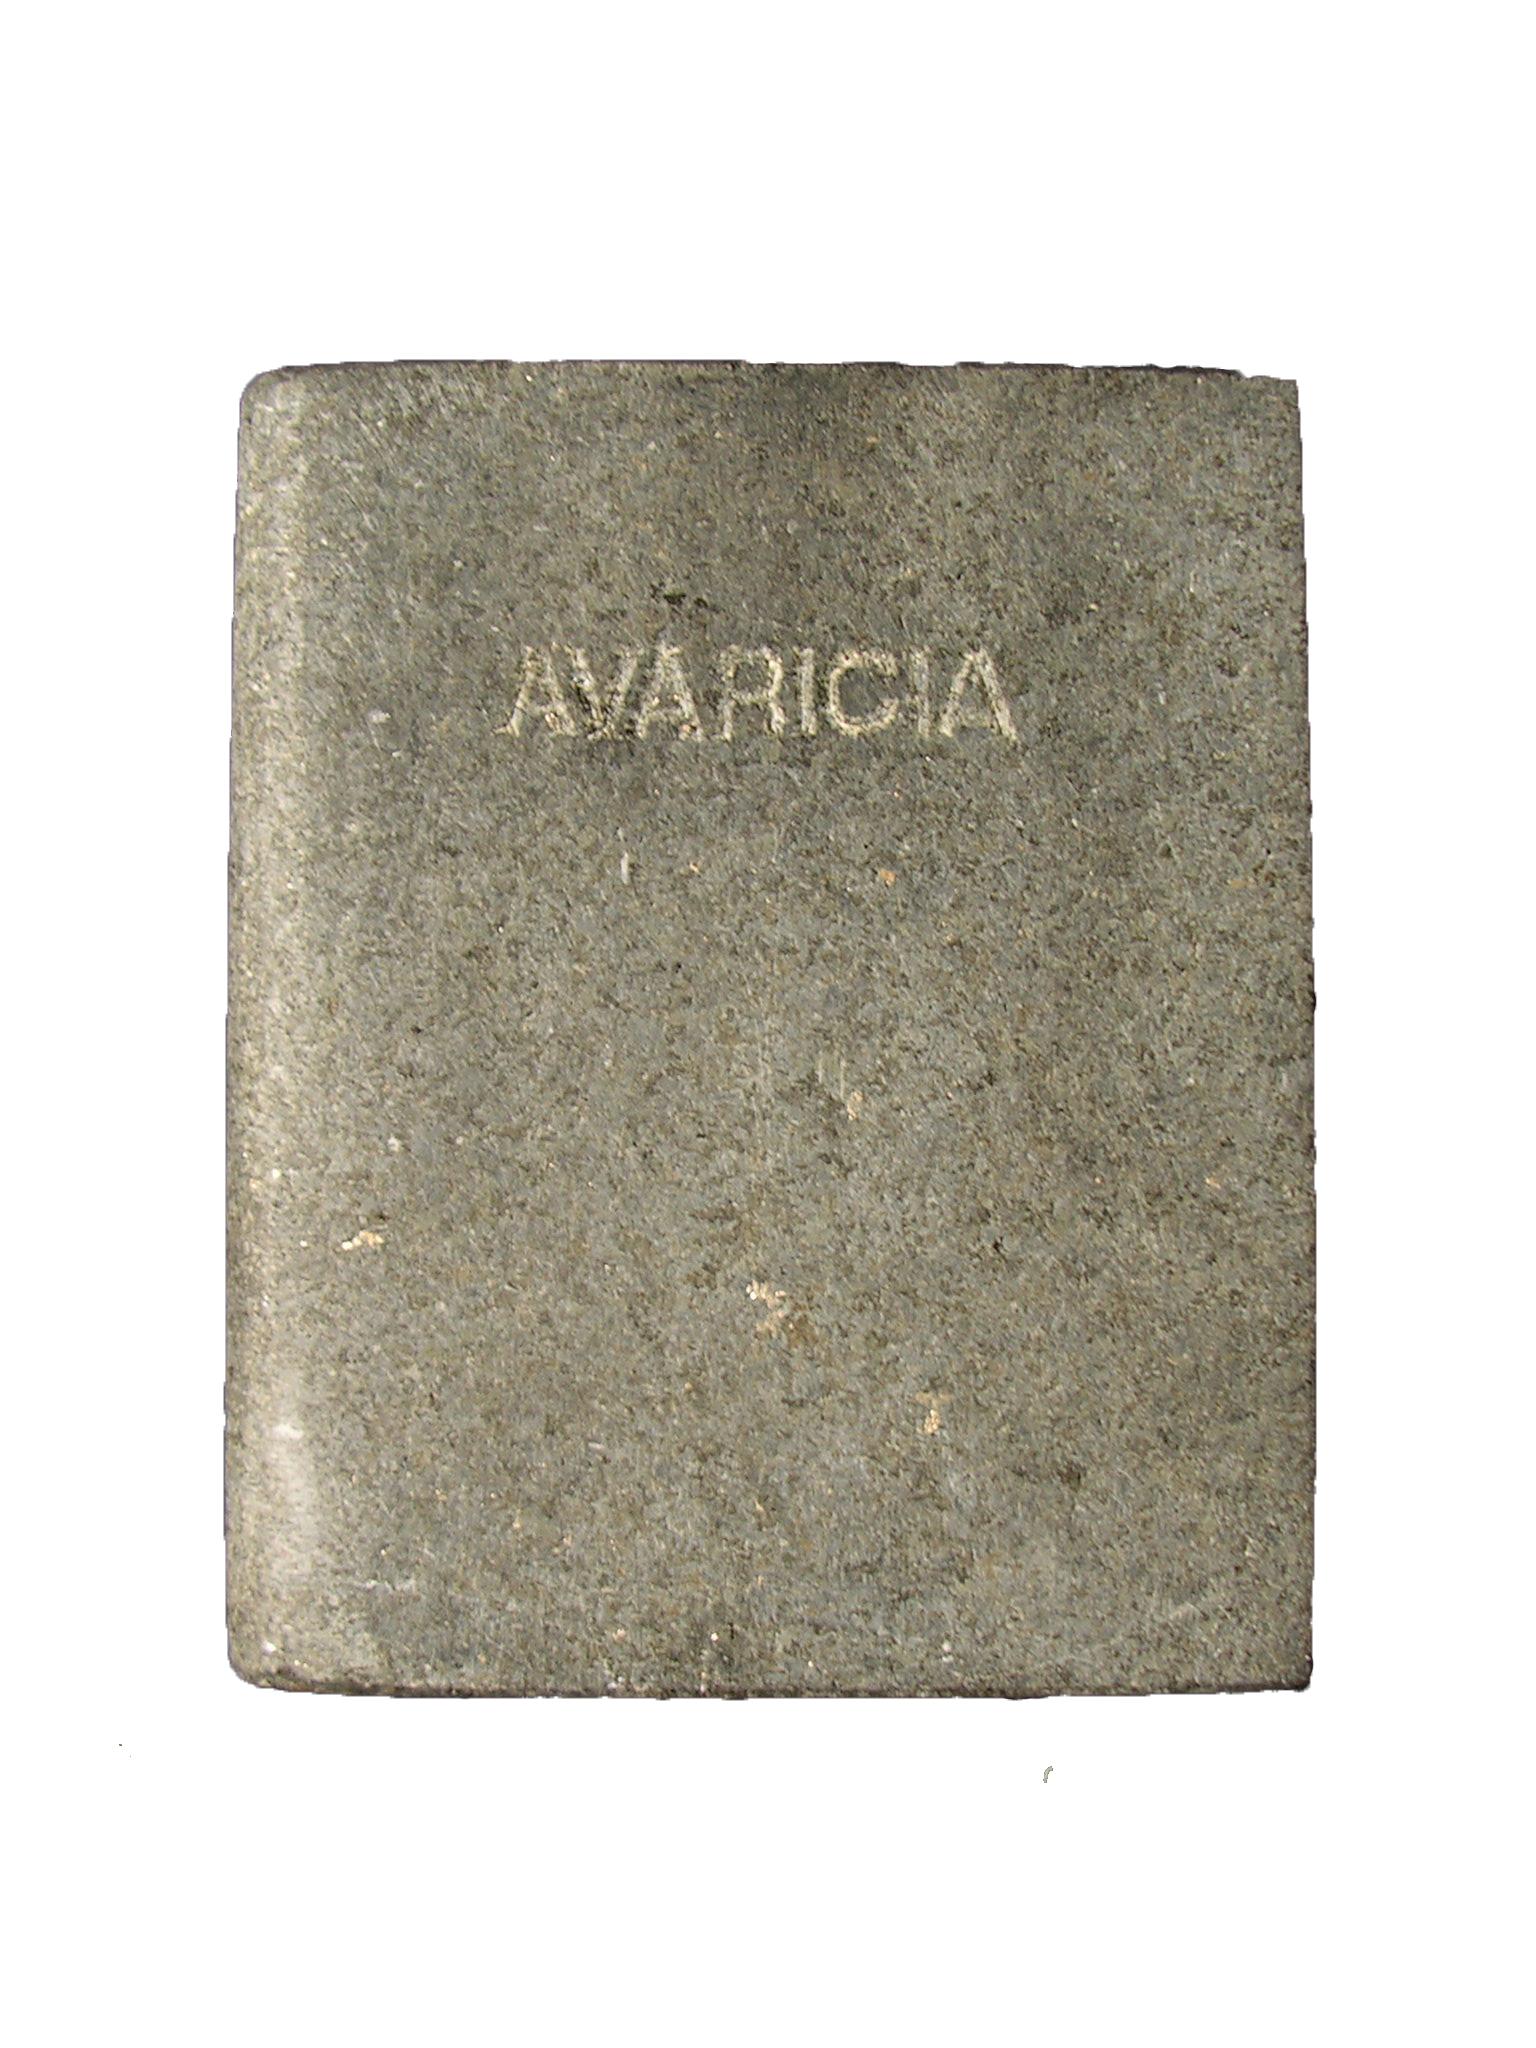 Avaricia Los siete pecados capitales libro en mármol negro brasil 18x3x15cm 1984